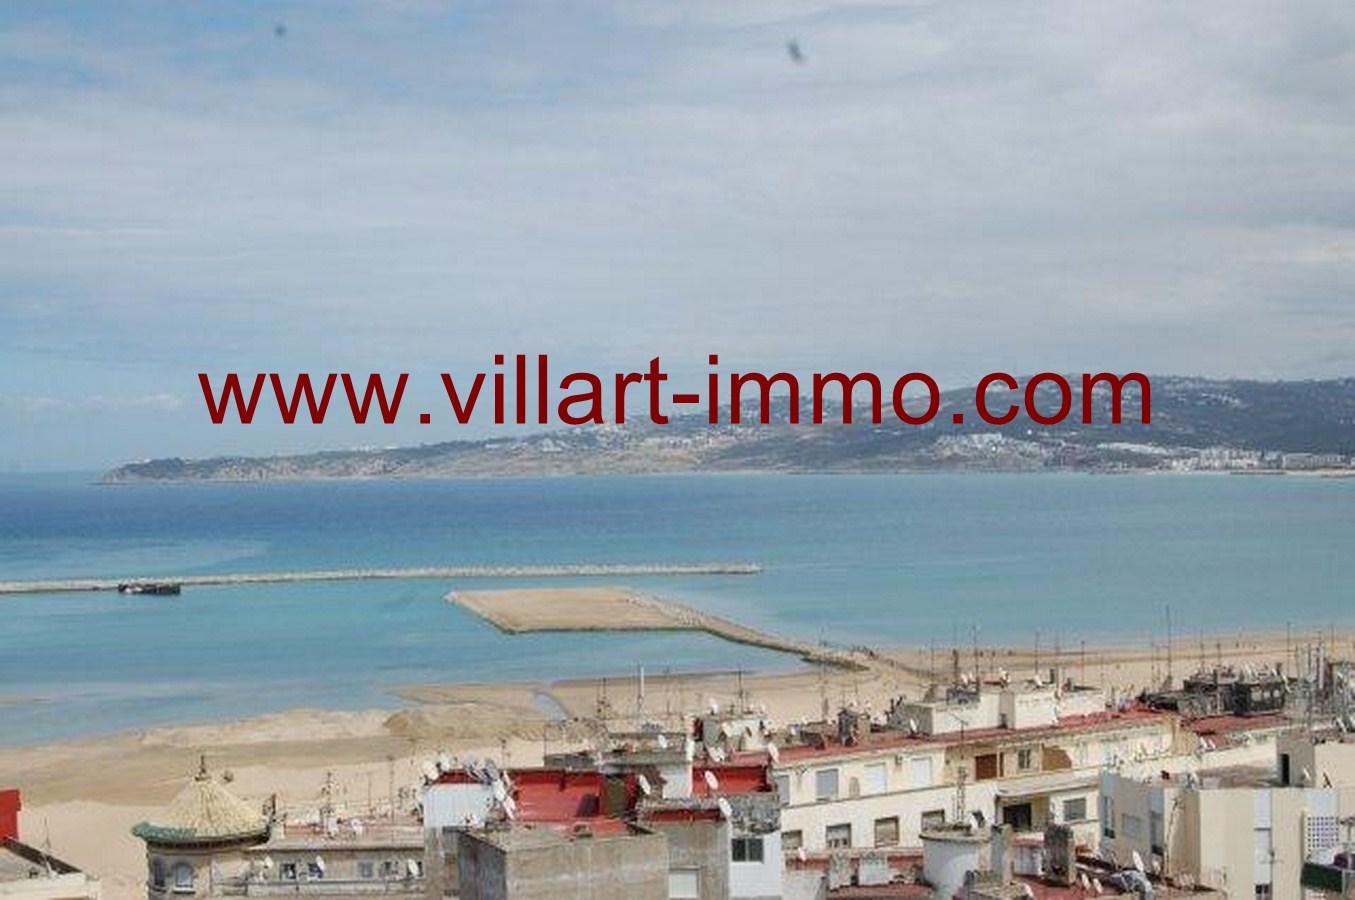 5-Appart-Meublé-Vuemer-Tanger-Agence-Location-Villartimmo